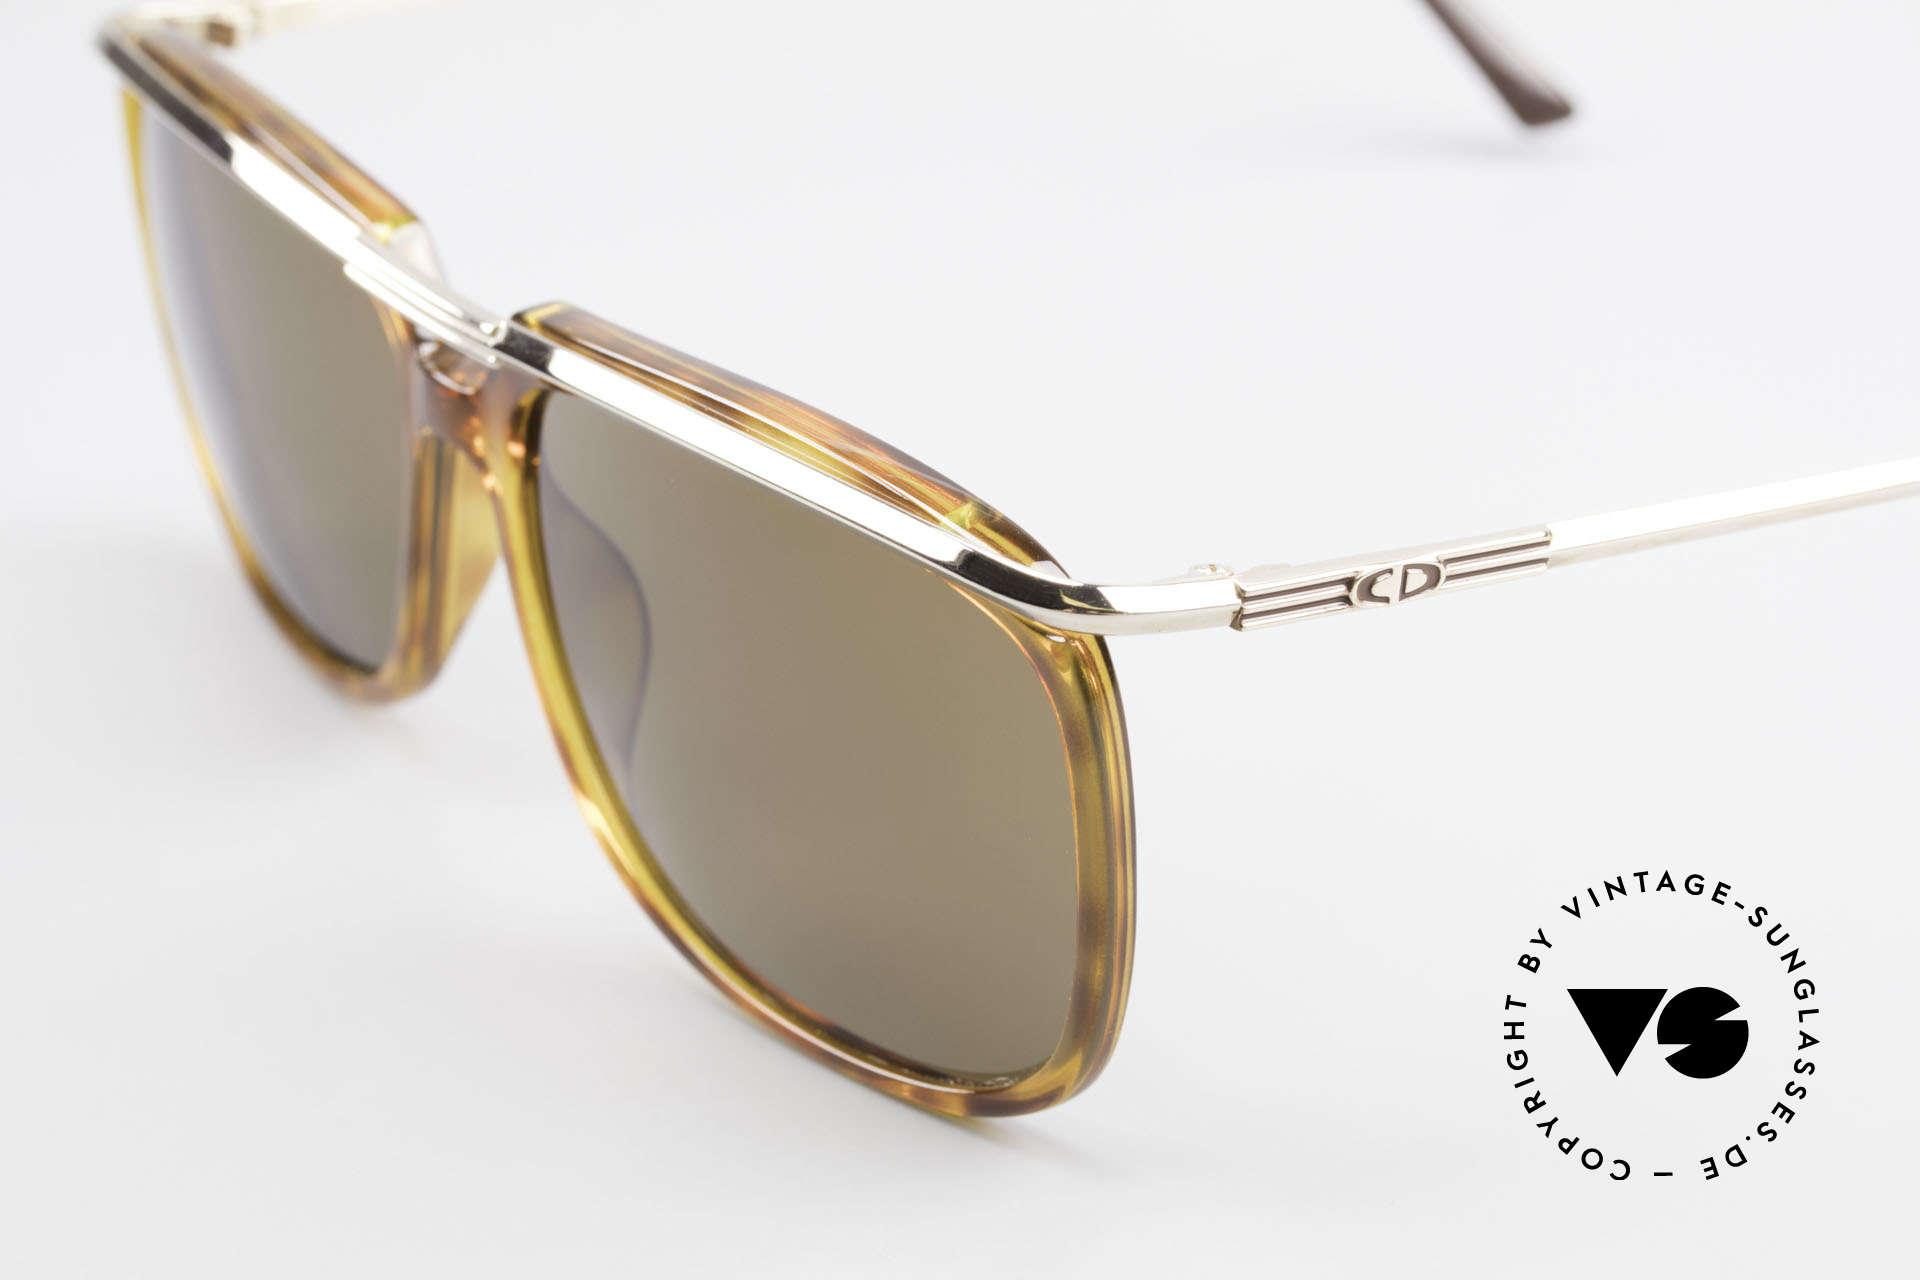 Christian Dior 2698 Alte 90er Herrensonnenbrille, mit braunen Mineral-Gläsern für 100% UV Schutz, Passend für Herren